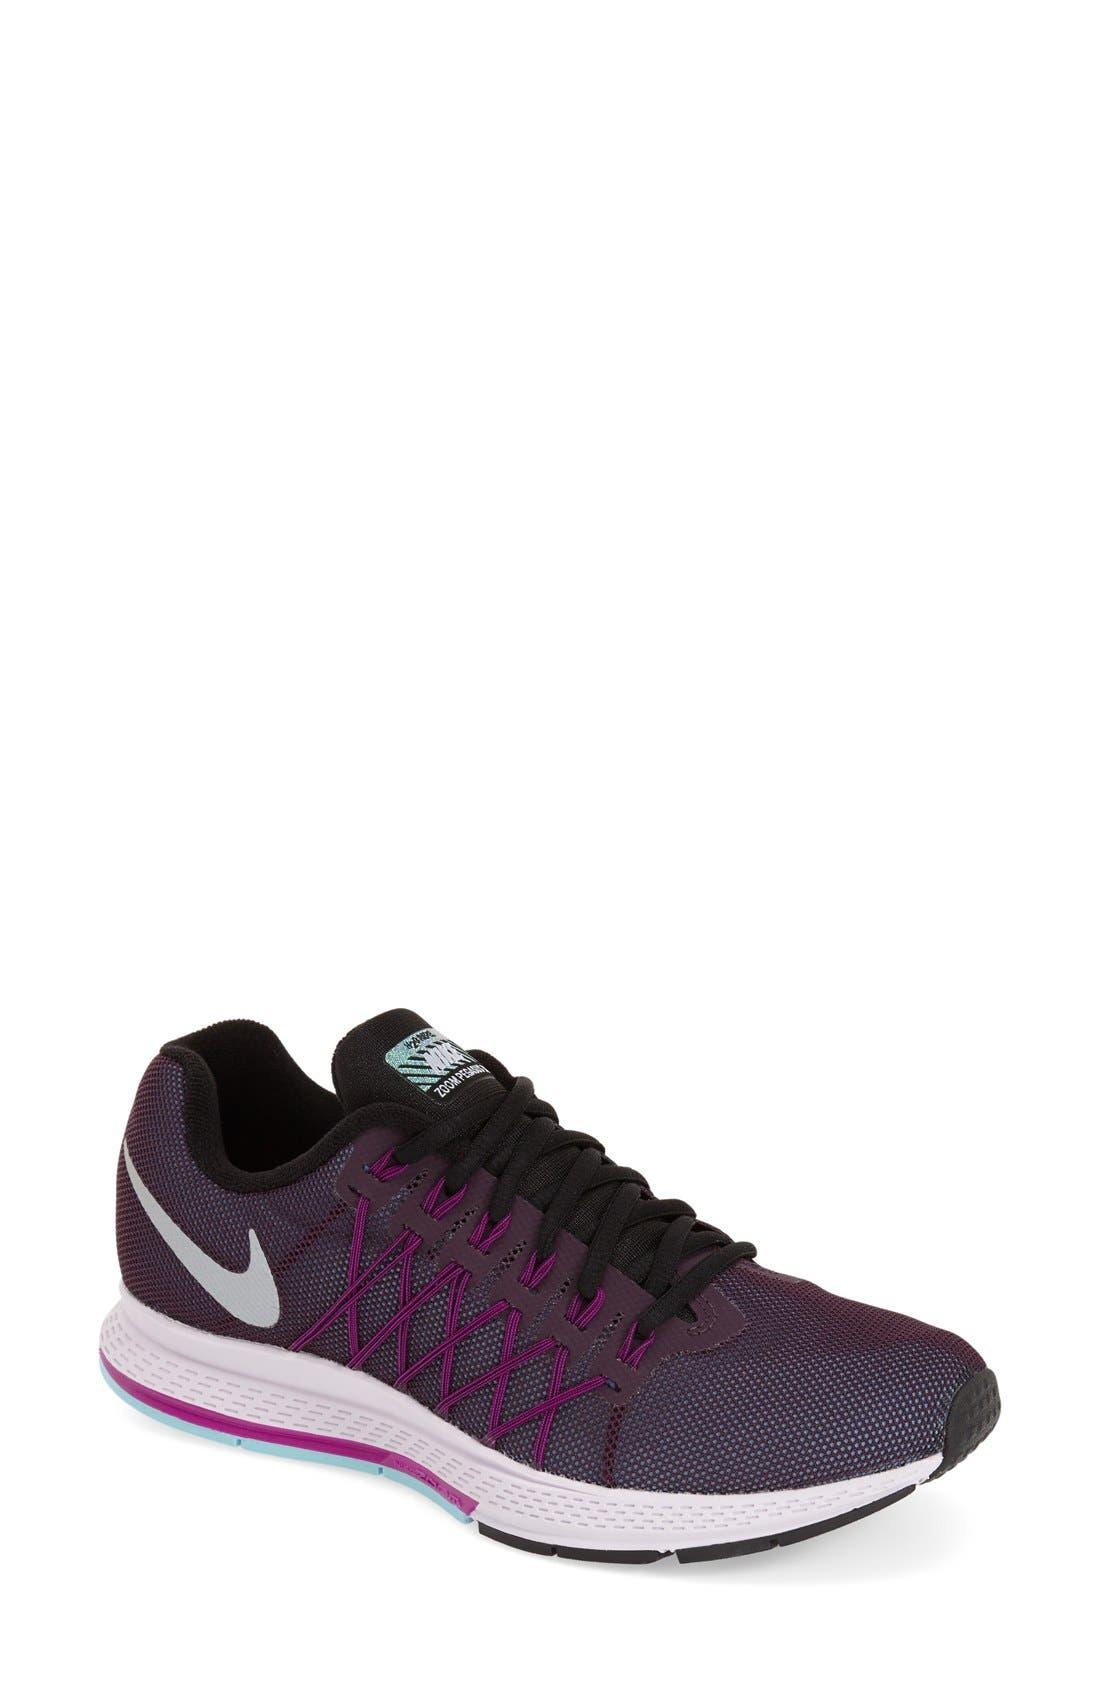 Alternate Image 1 Selected - Nike 'Zoom Pegasus 32 - Flash' h2o Repel Running Shoe (Women)